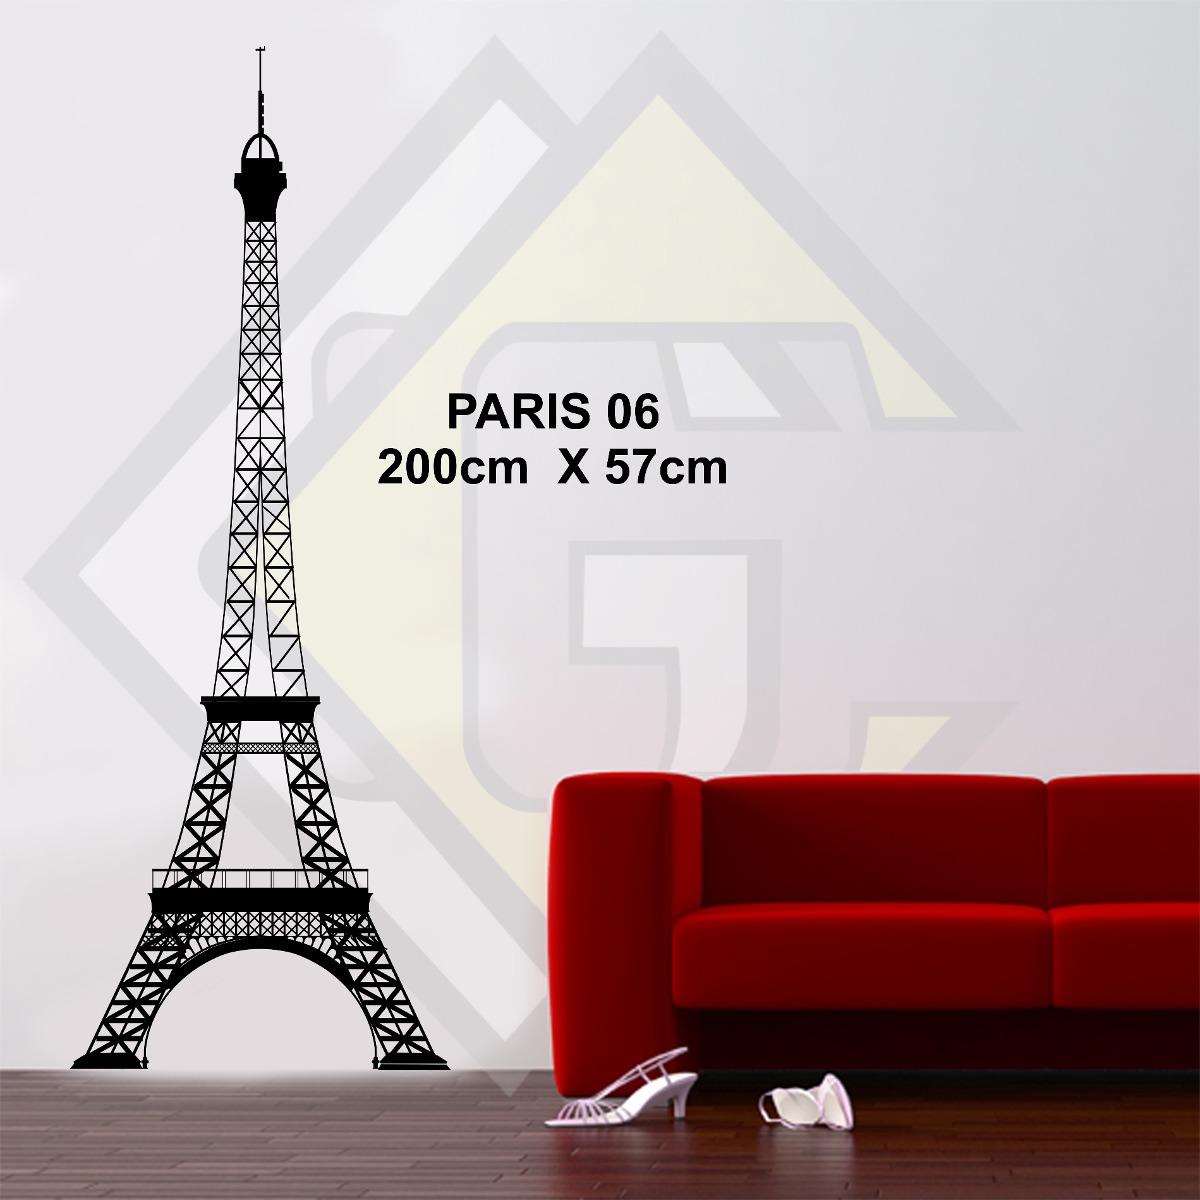 Curso Artesanato Goiania ~ Adesivo Decorativo Parede Ambiente Torre Eiffel 2 Metros Big R$ 85,00 em Mercado Livre